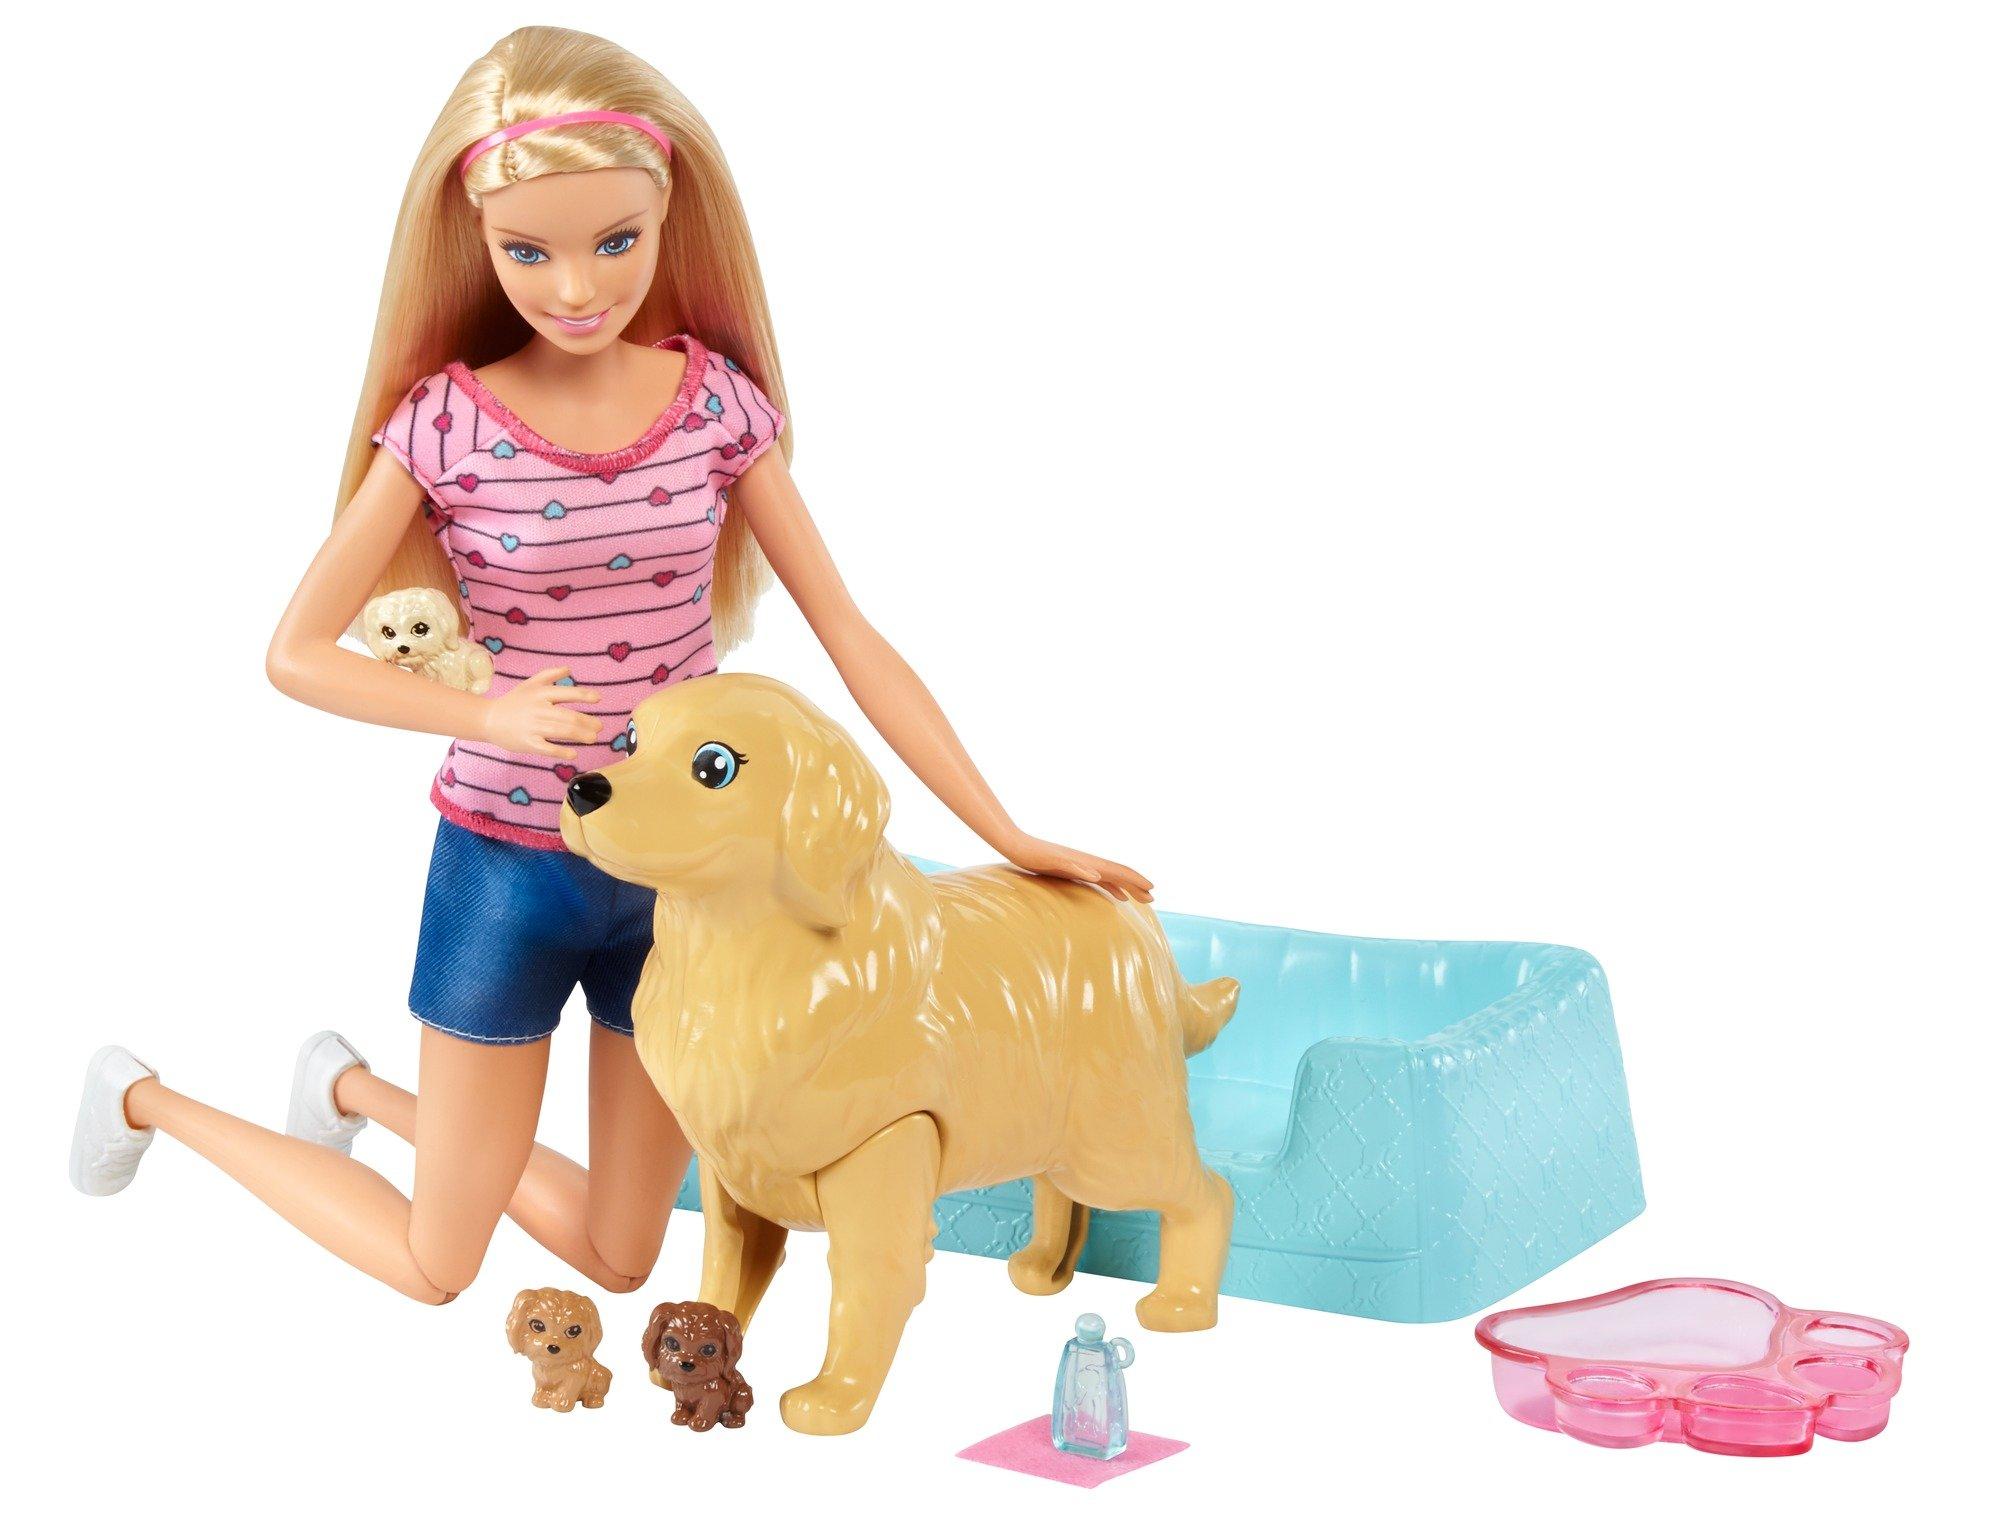 Barbie Newborn Pups Doll, Blonde